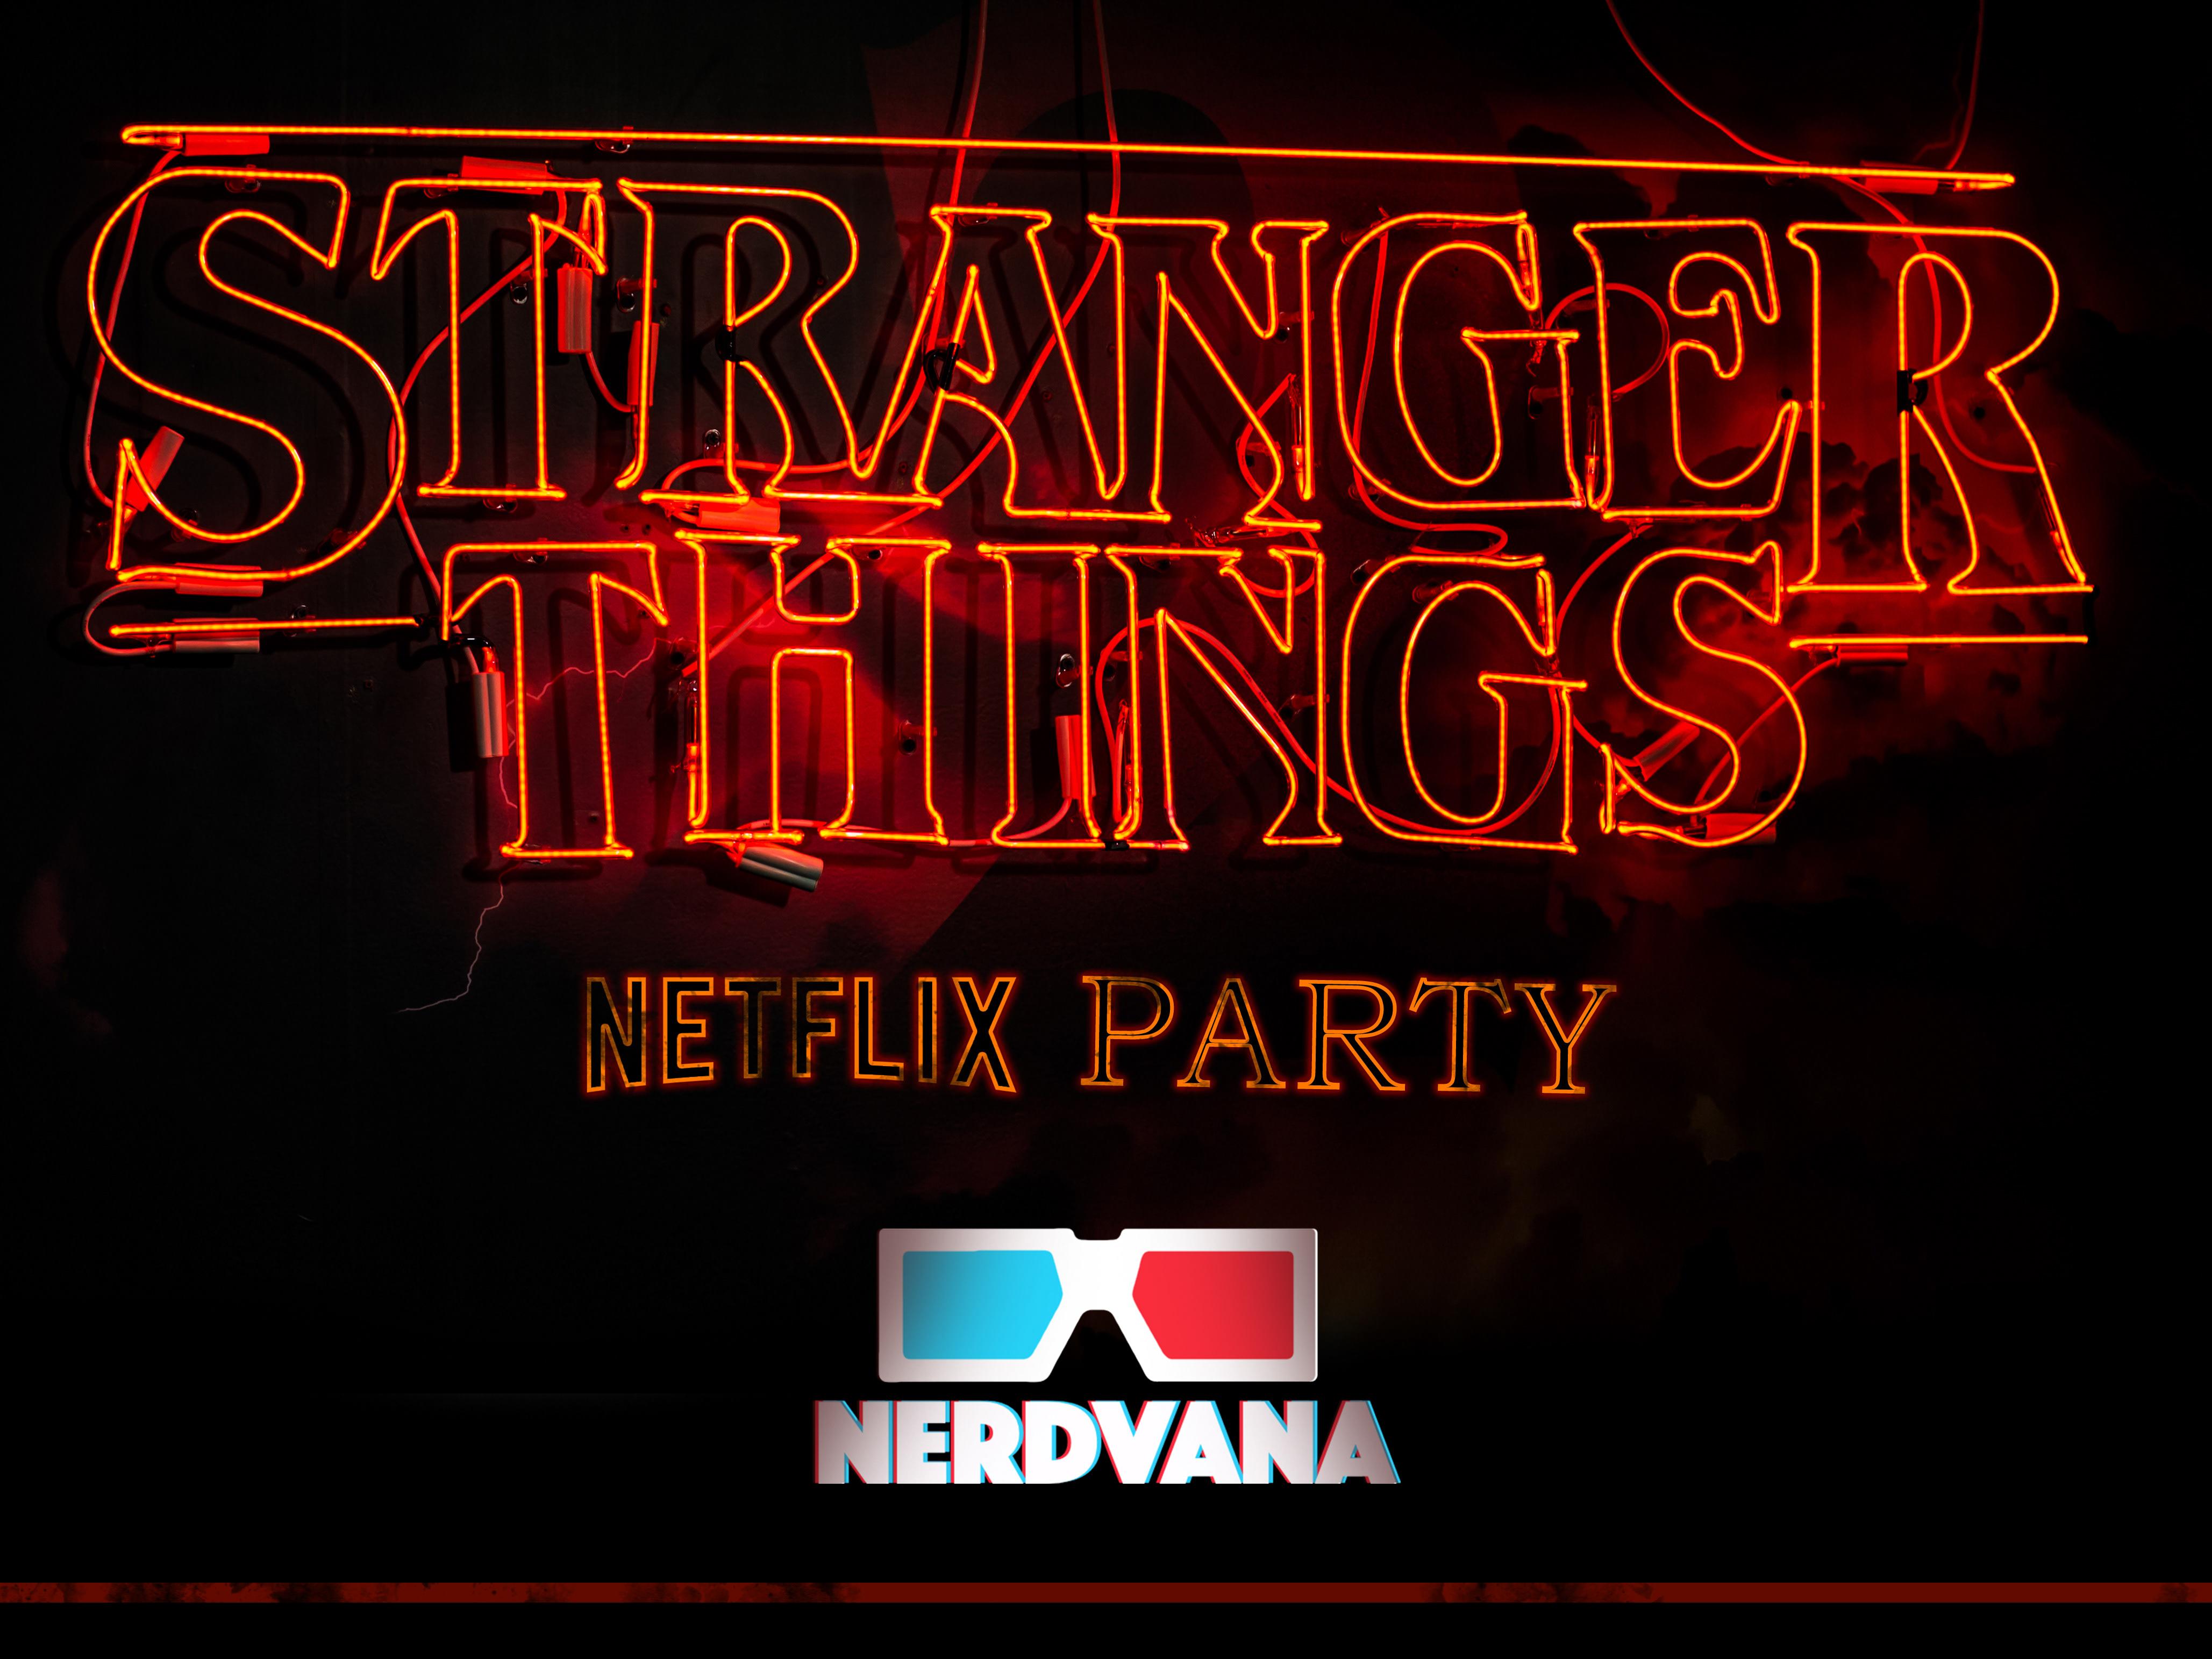 Tanawut sukke - Netflix's Stranger Things 2 Party